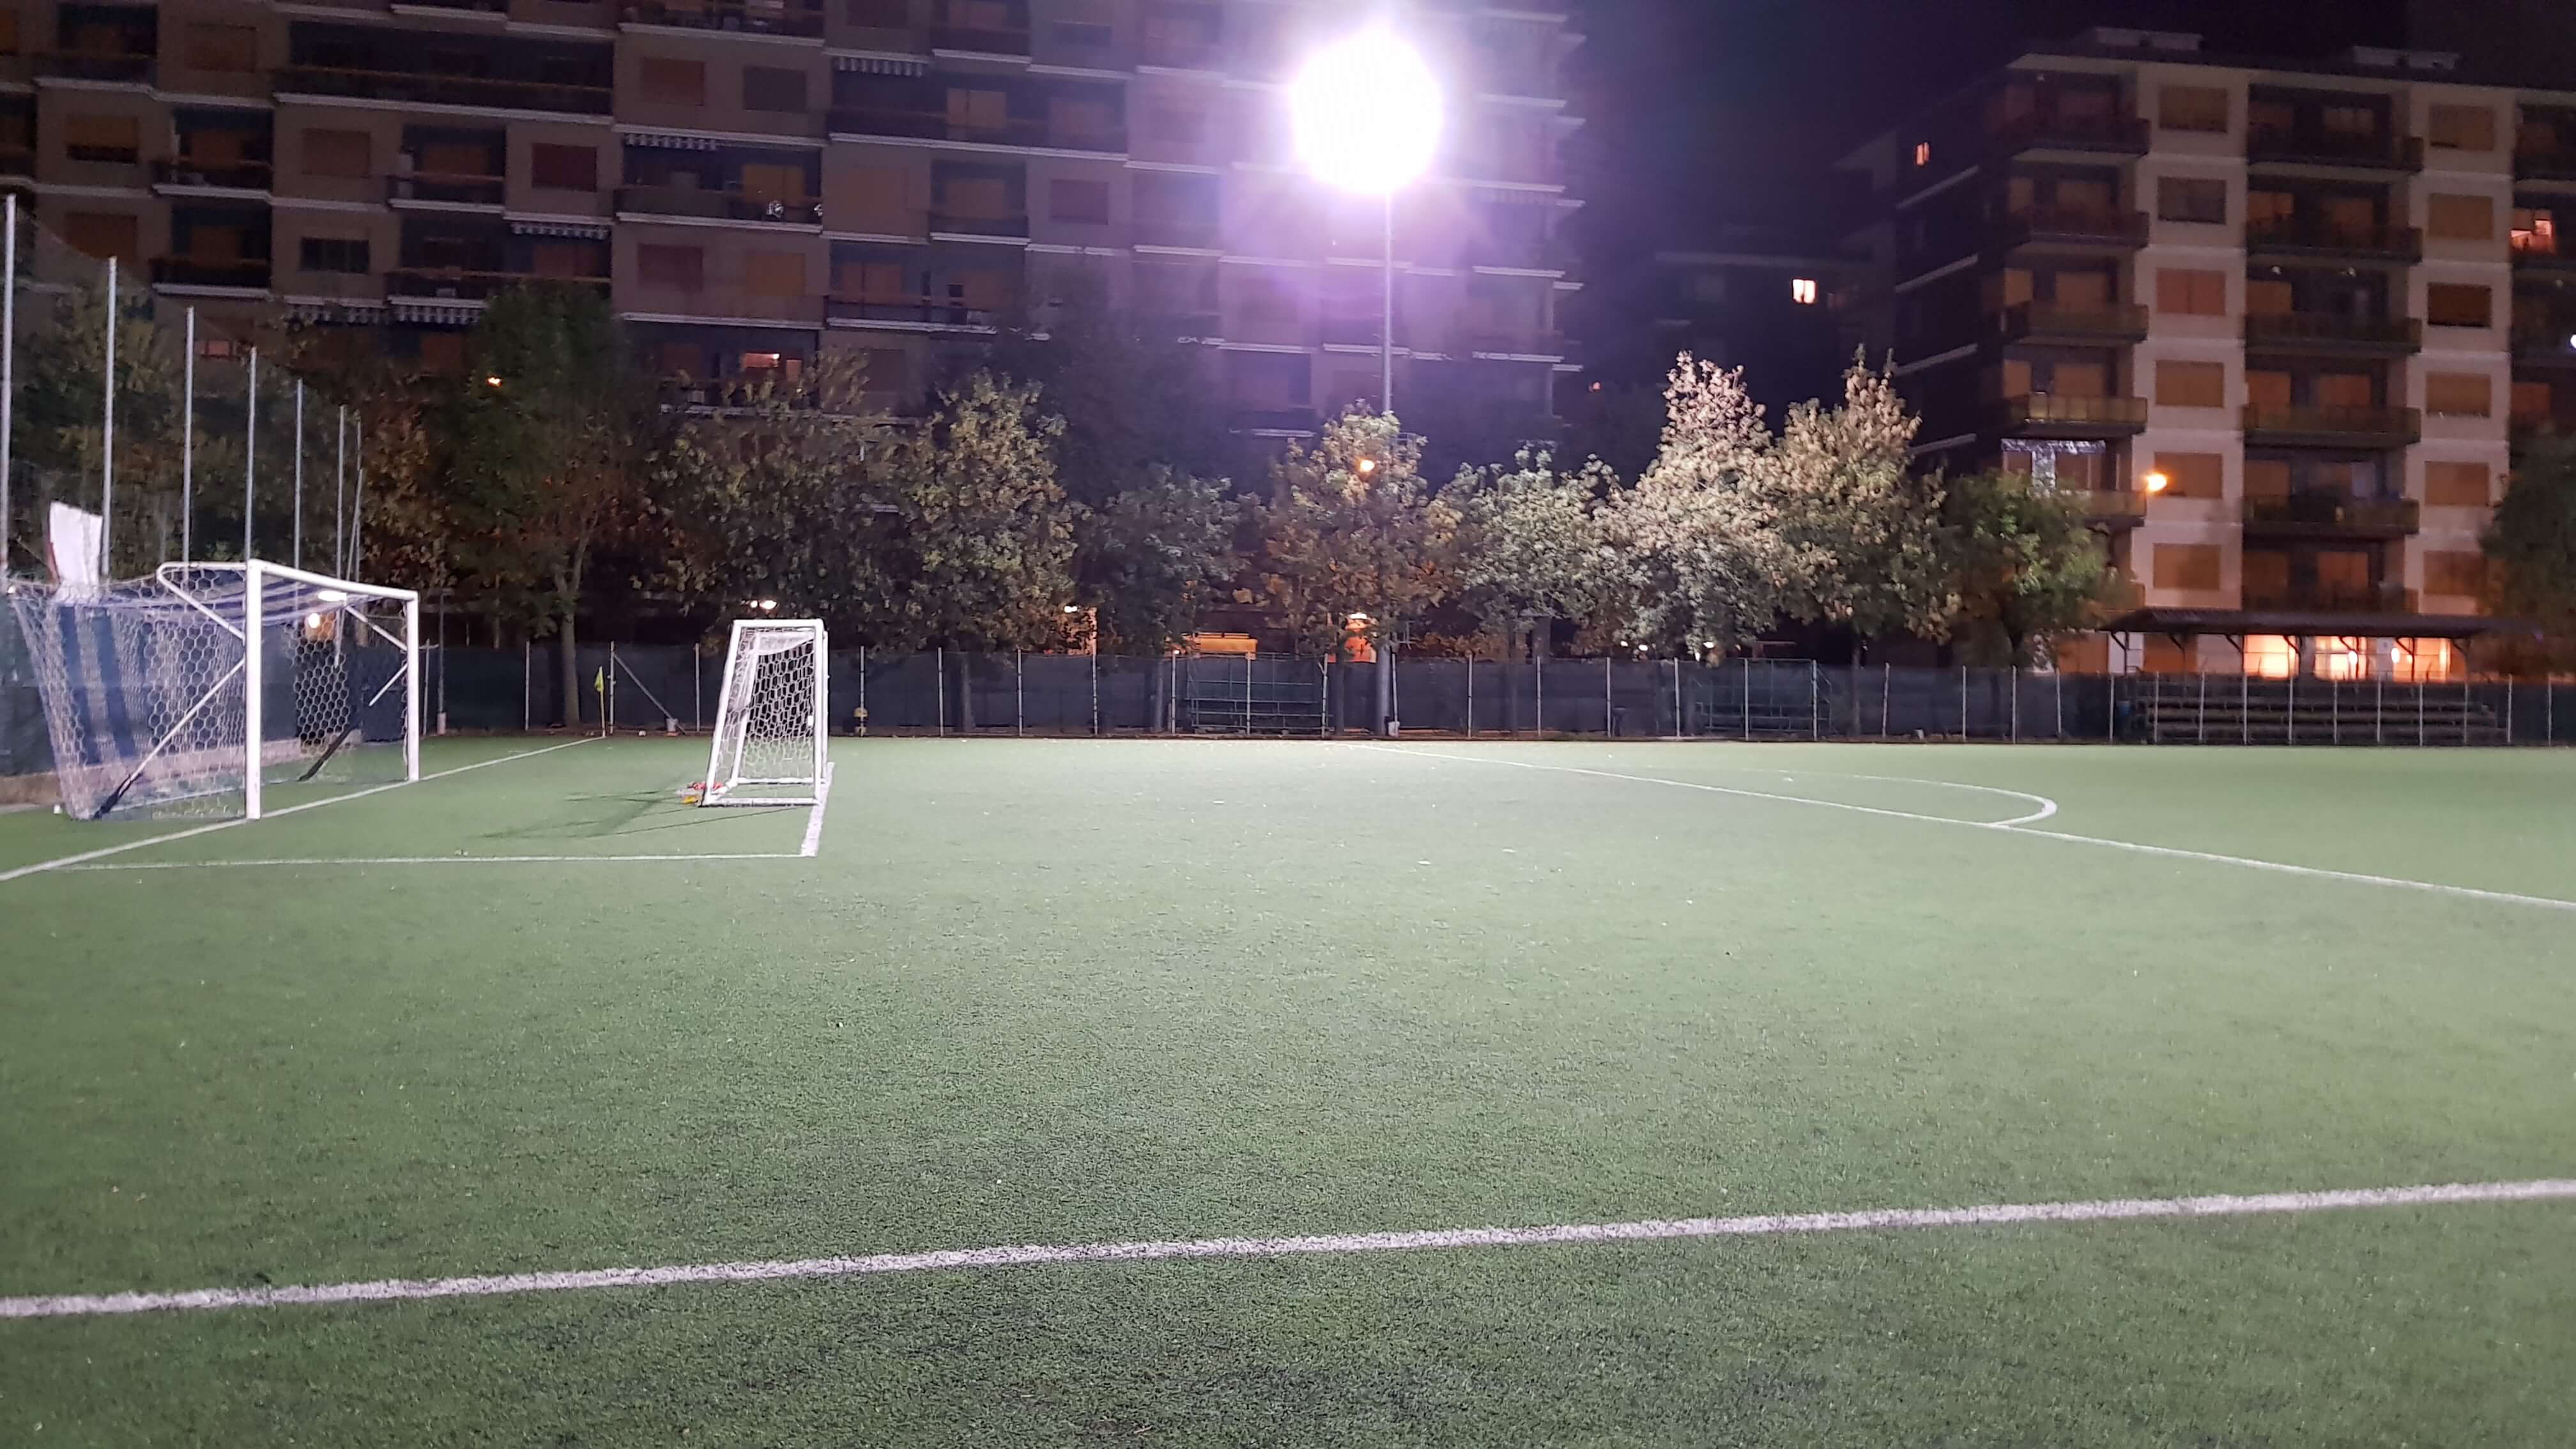 Centro-sportivo-vespucci-collegno-to-1